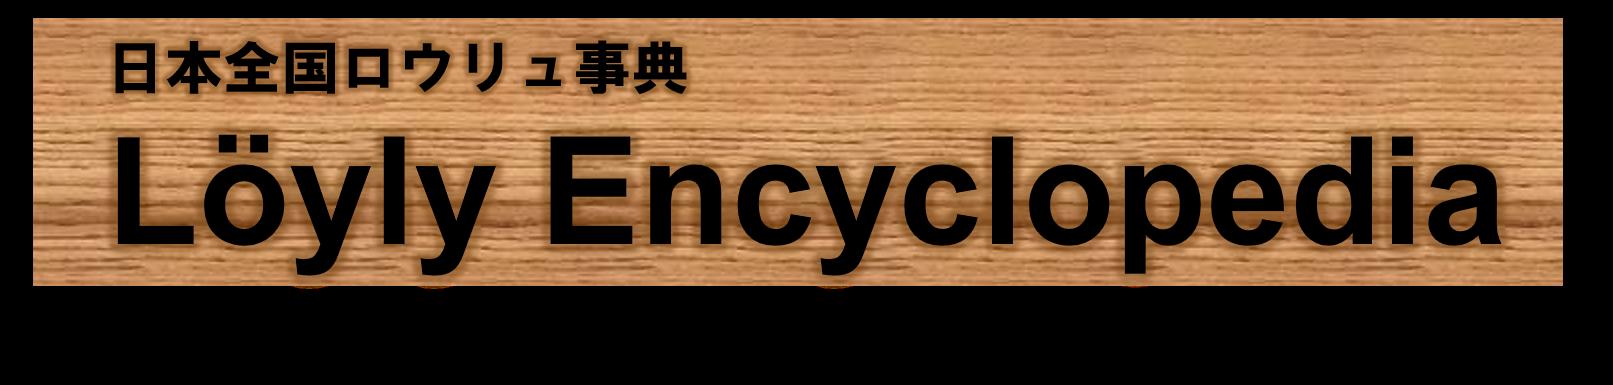 日本全国ロウリュ辞典